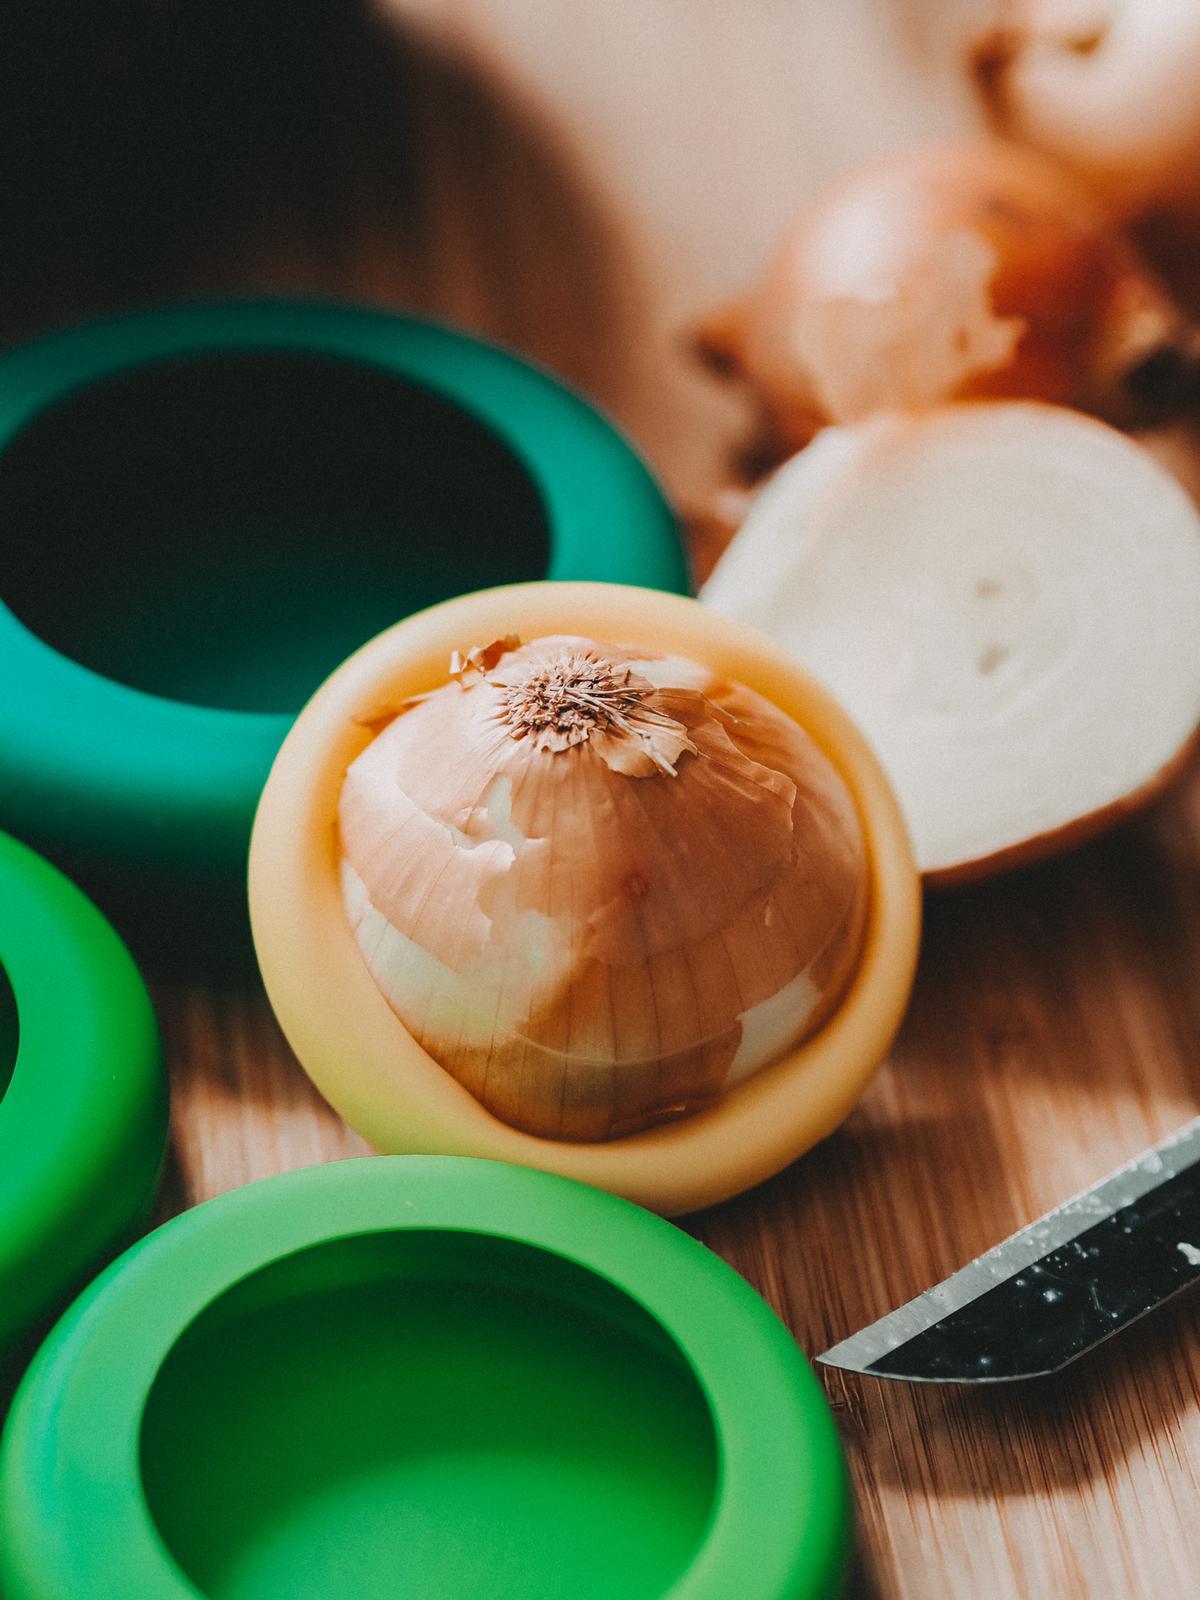 Samebutgreen- praktisch und umweltfreundlich